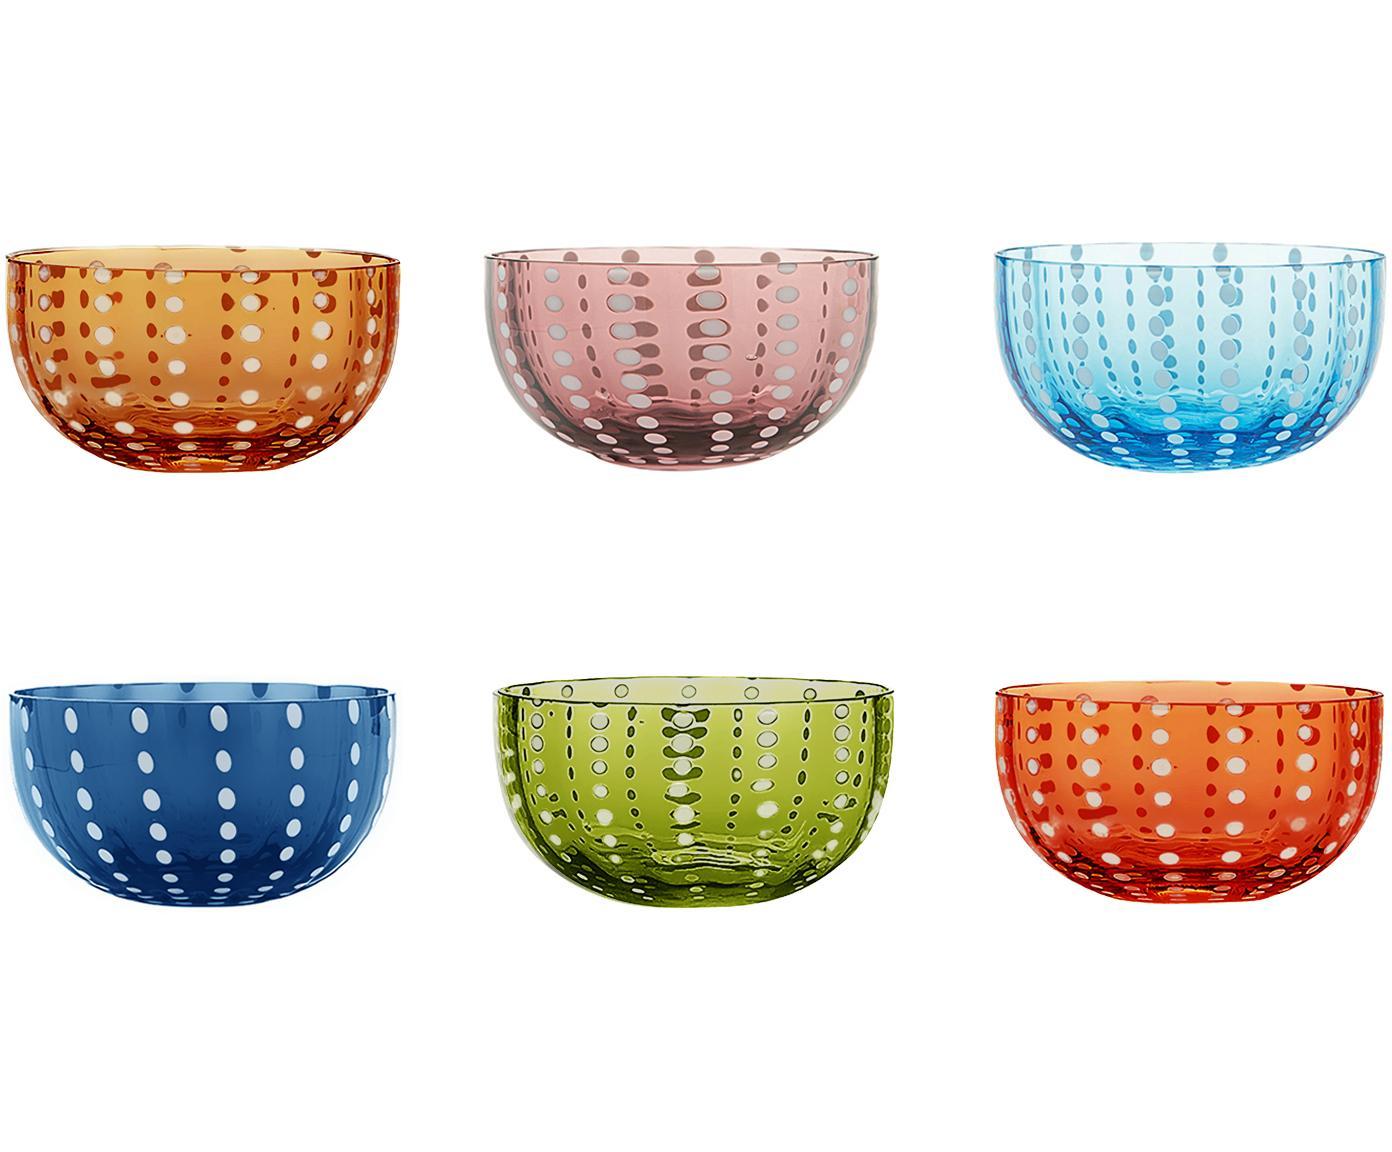 Mondgeblazen schalen set Perle, 6-delig, Glas, Transparant, wit, aquakleurig, amberkleurig, pastelpaars, blauw en grasgroen, Ø 12 x H 6 cm